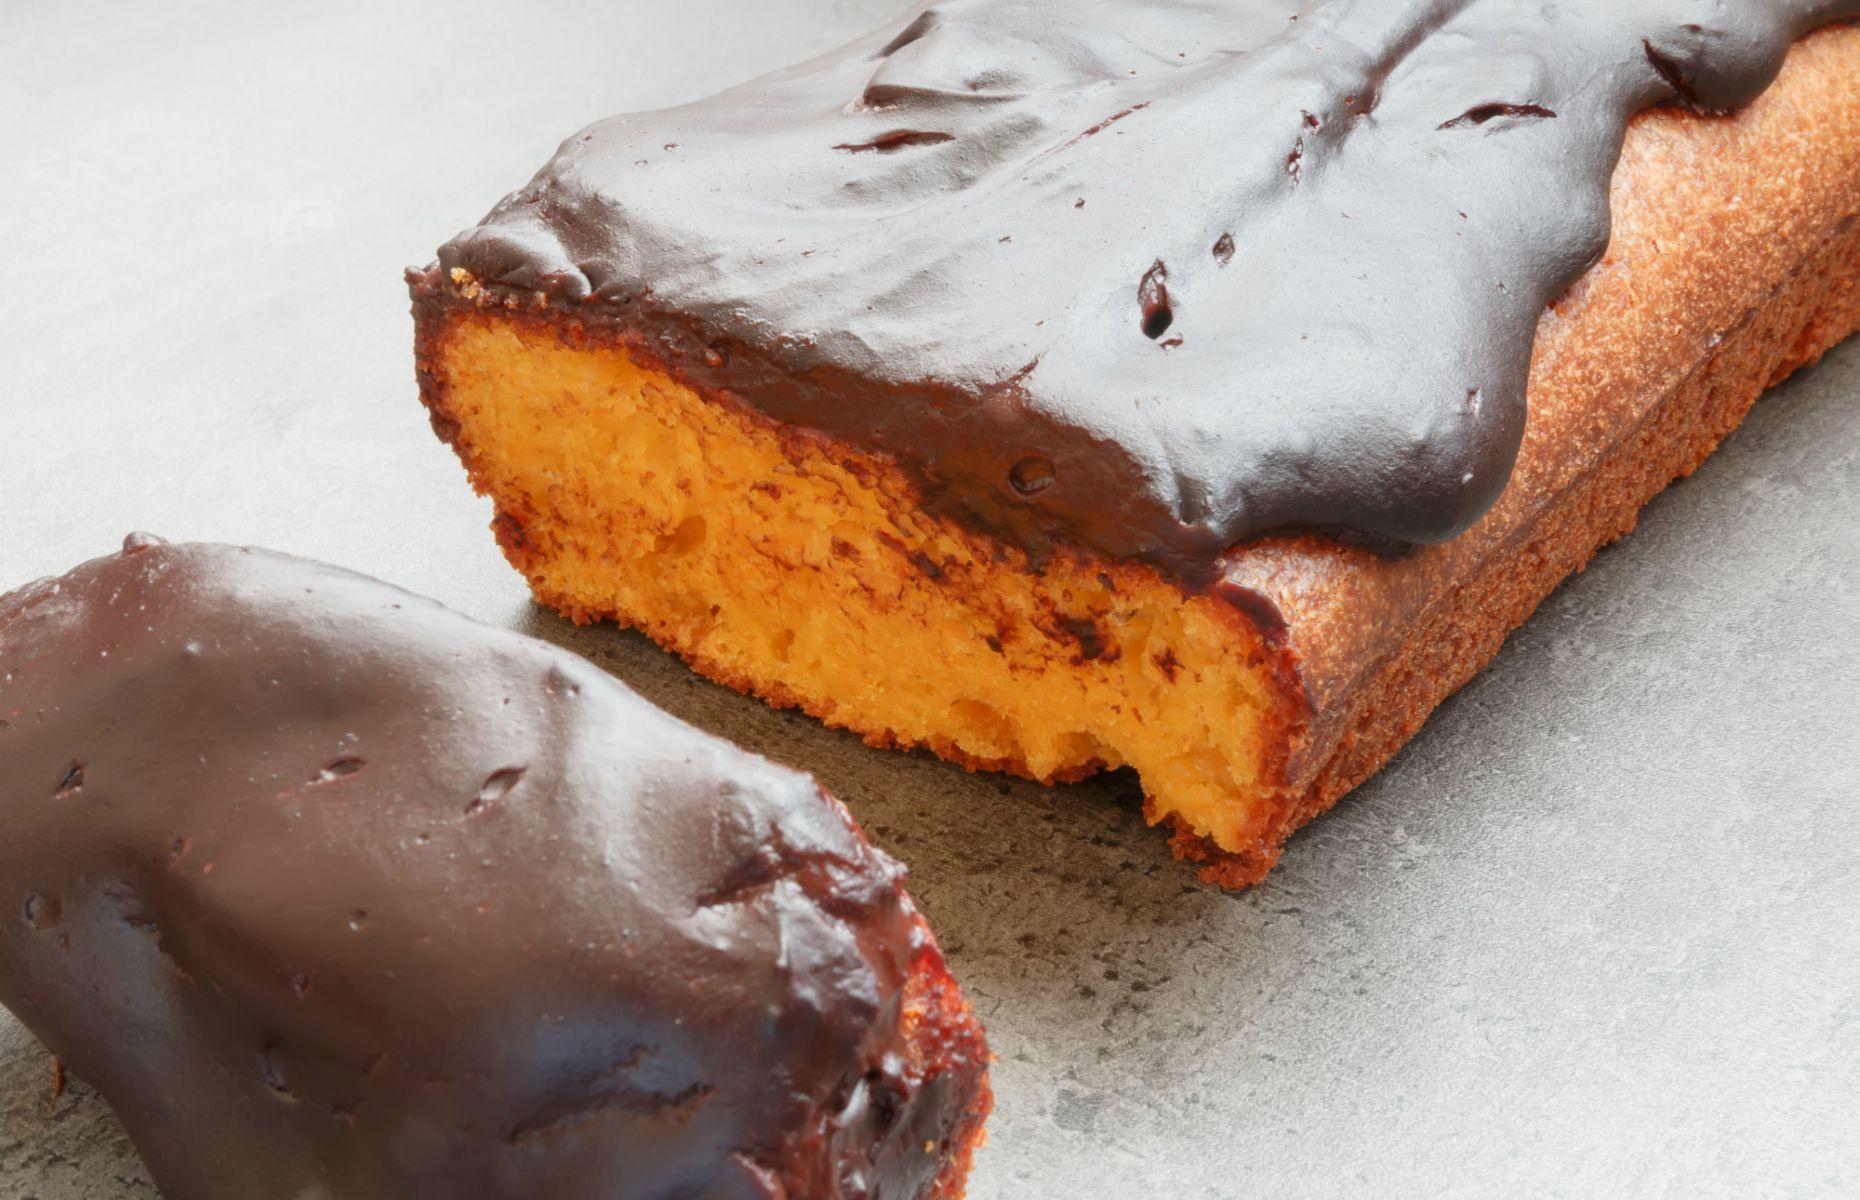 Para intolerantes ou alérgicos, aprenda como adaptar suas receitas de doces favoritas sem lactose